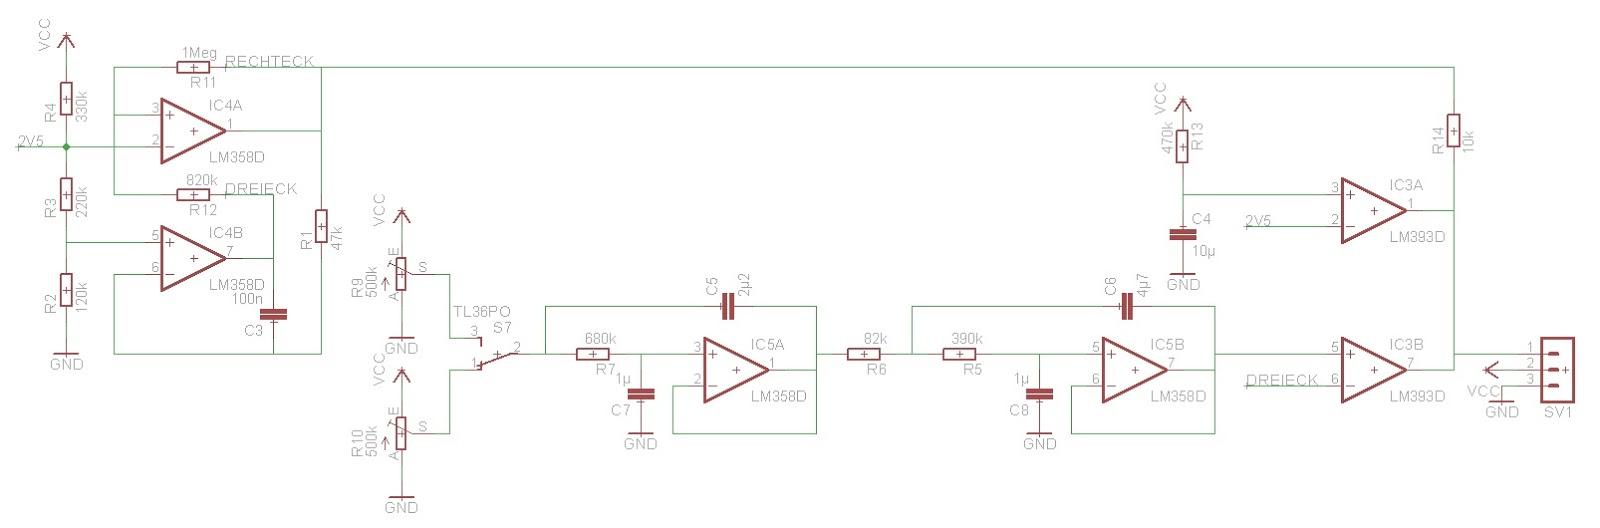 Modellbahn-Technik-Blog: Analoge Servosteuerung